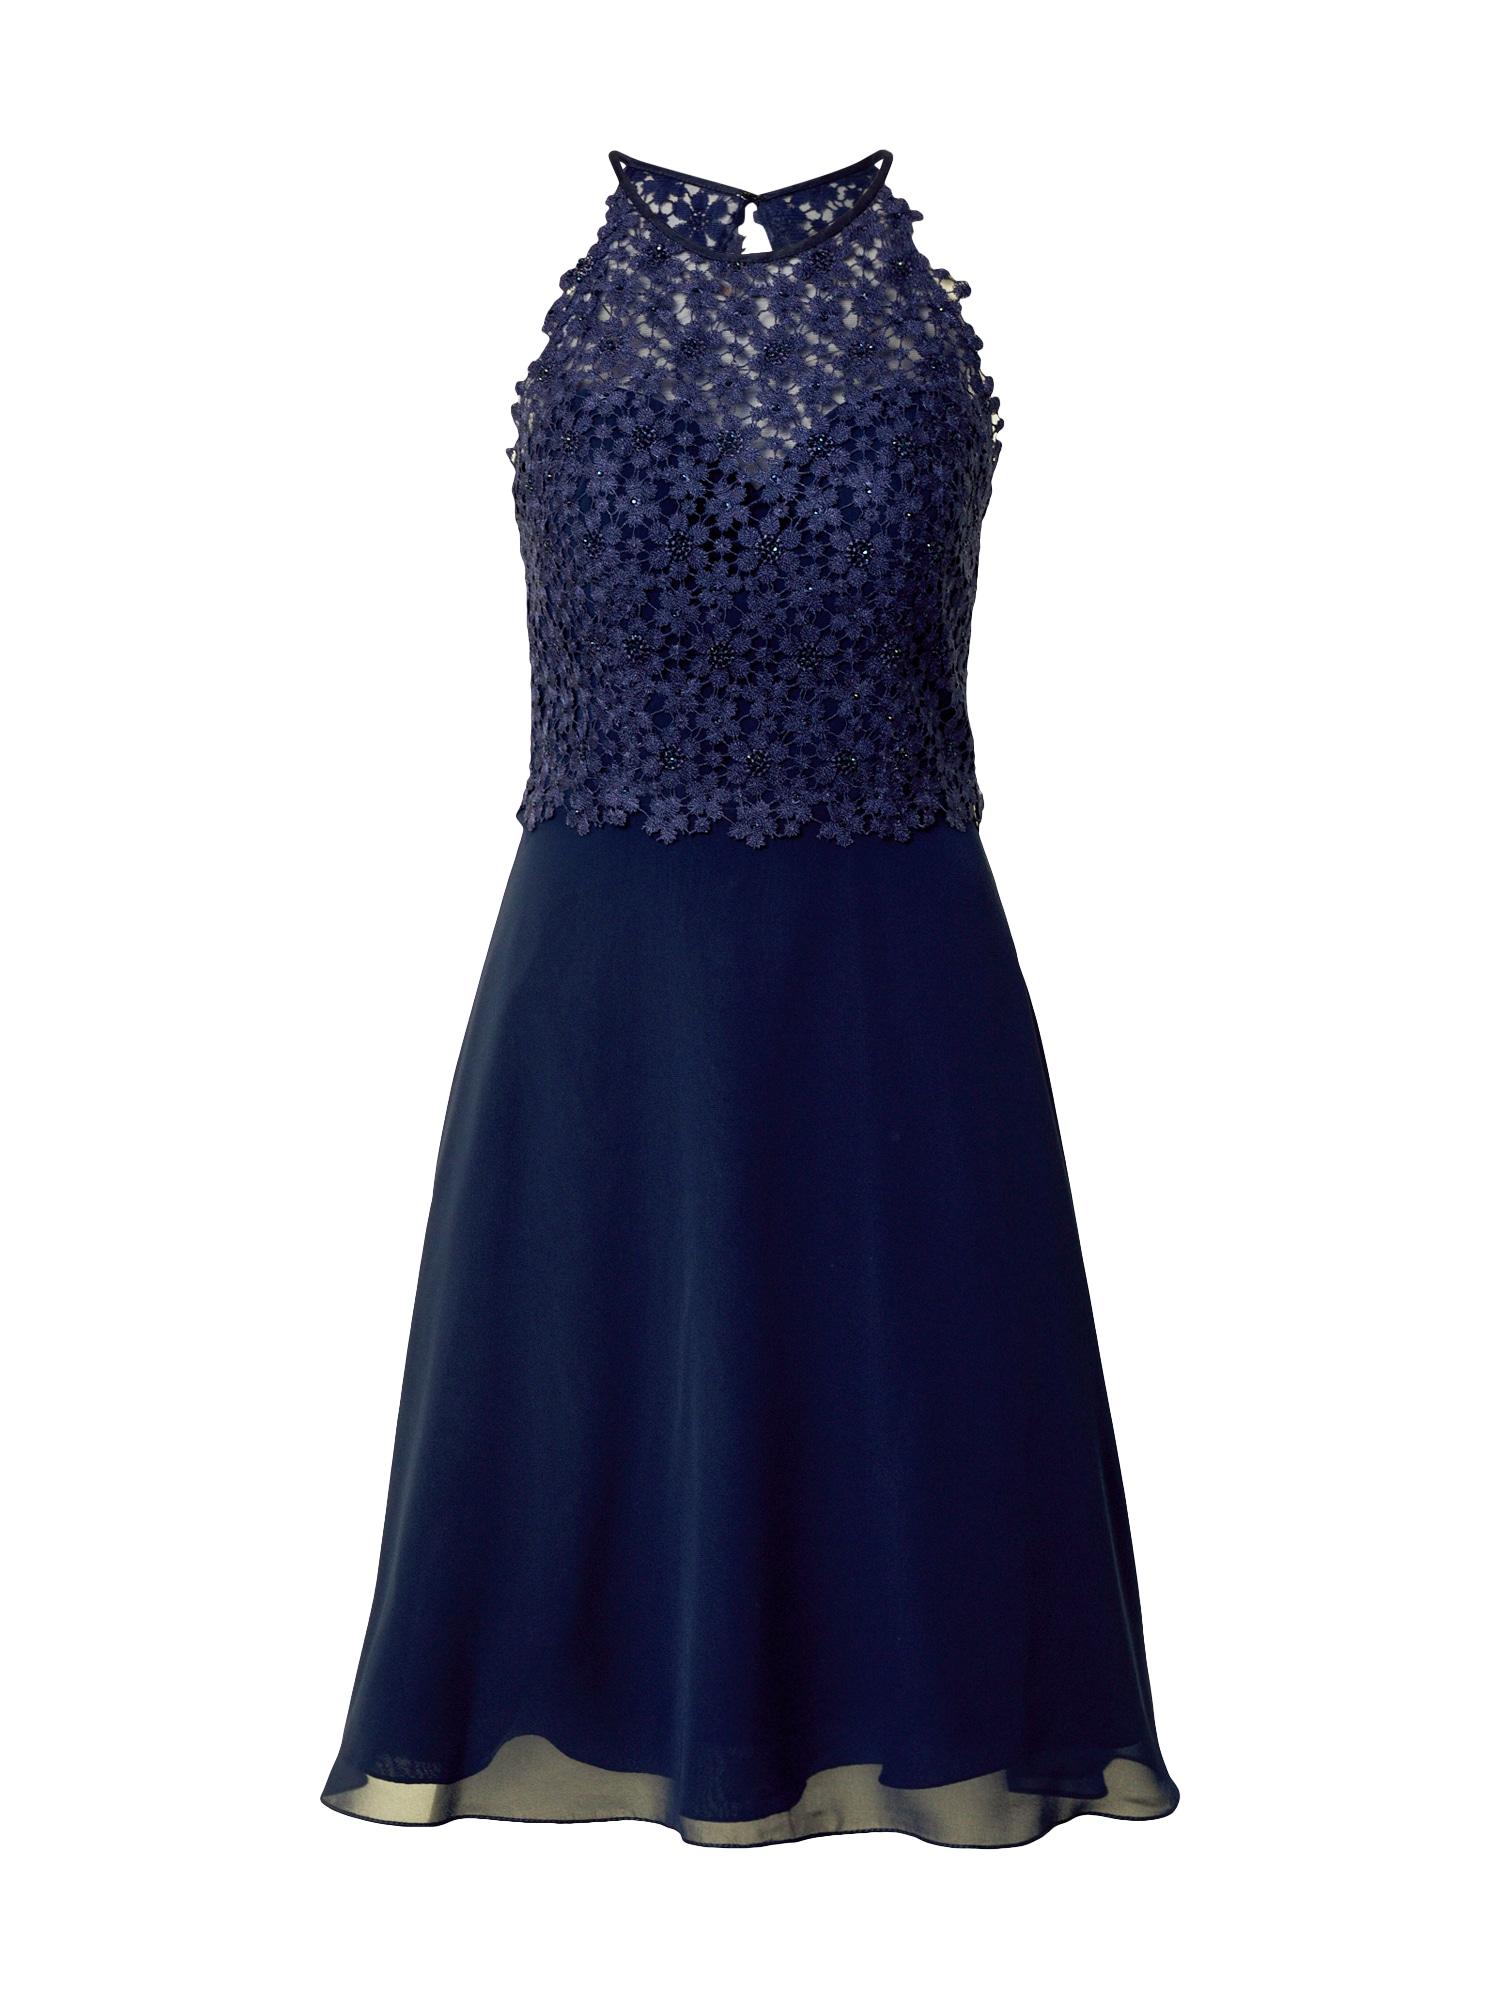 LUXUAR Kokteilinė suknelė nakties mėlyna